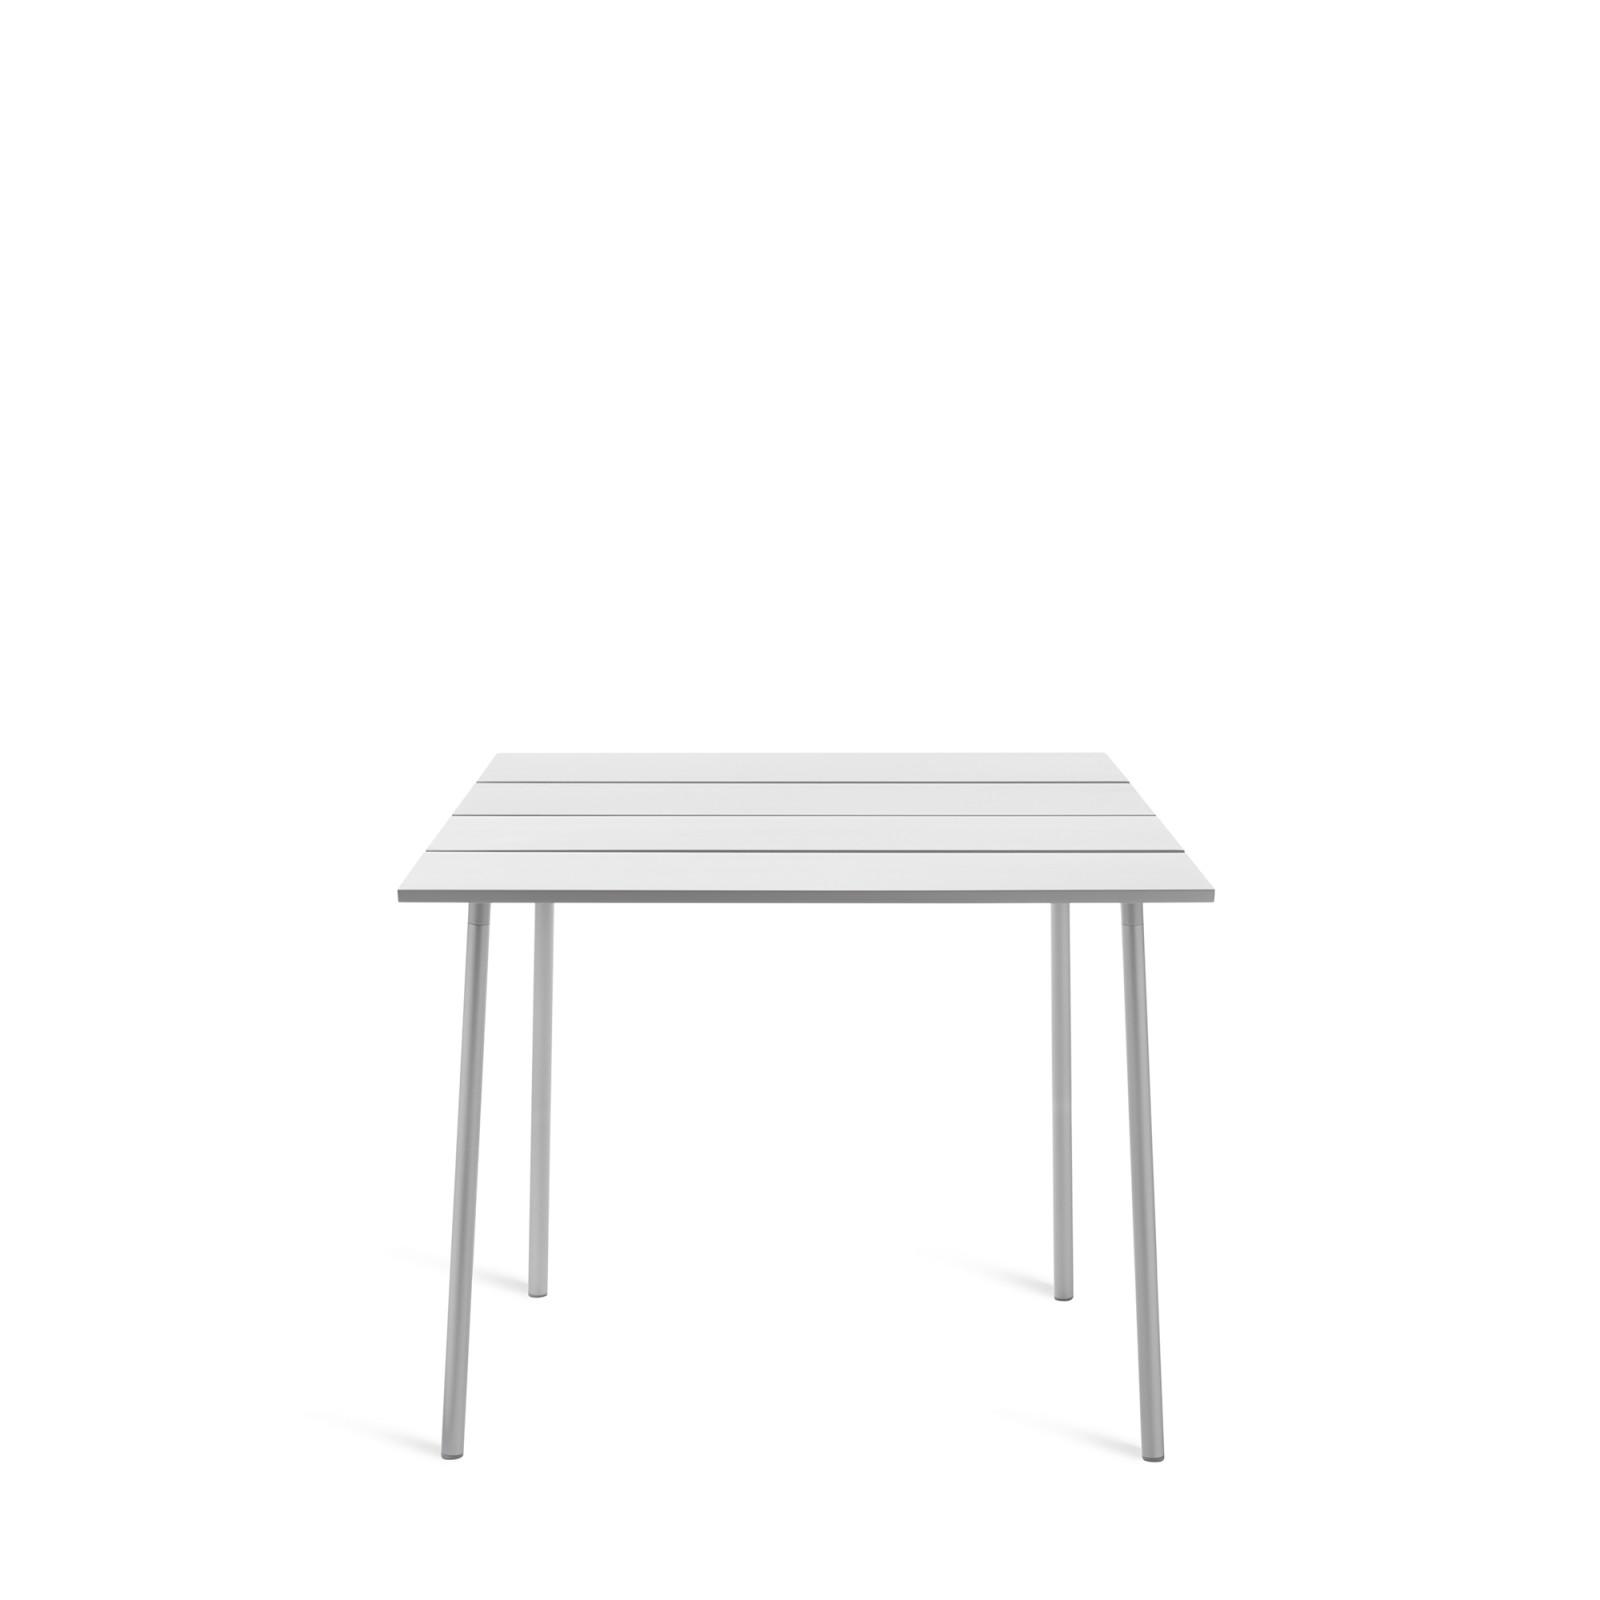 Run High Table Aluminium, Aluminium, 183cm